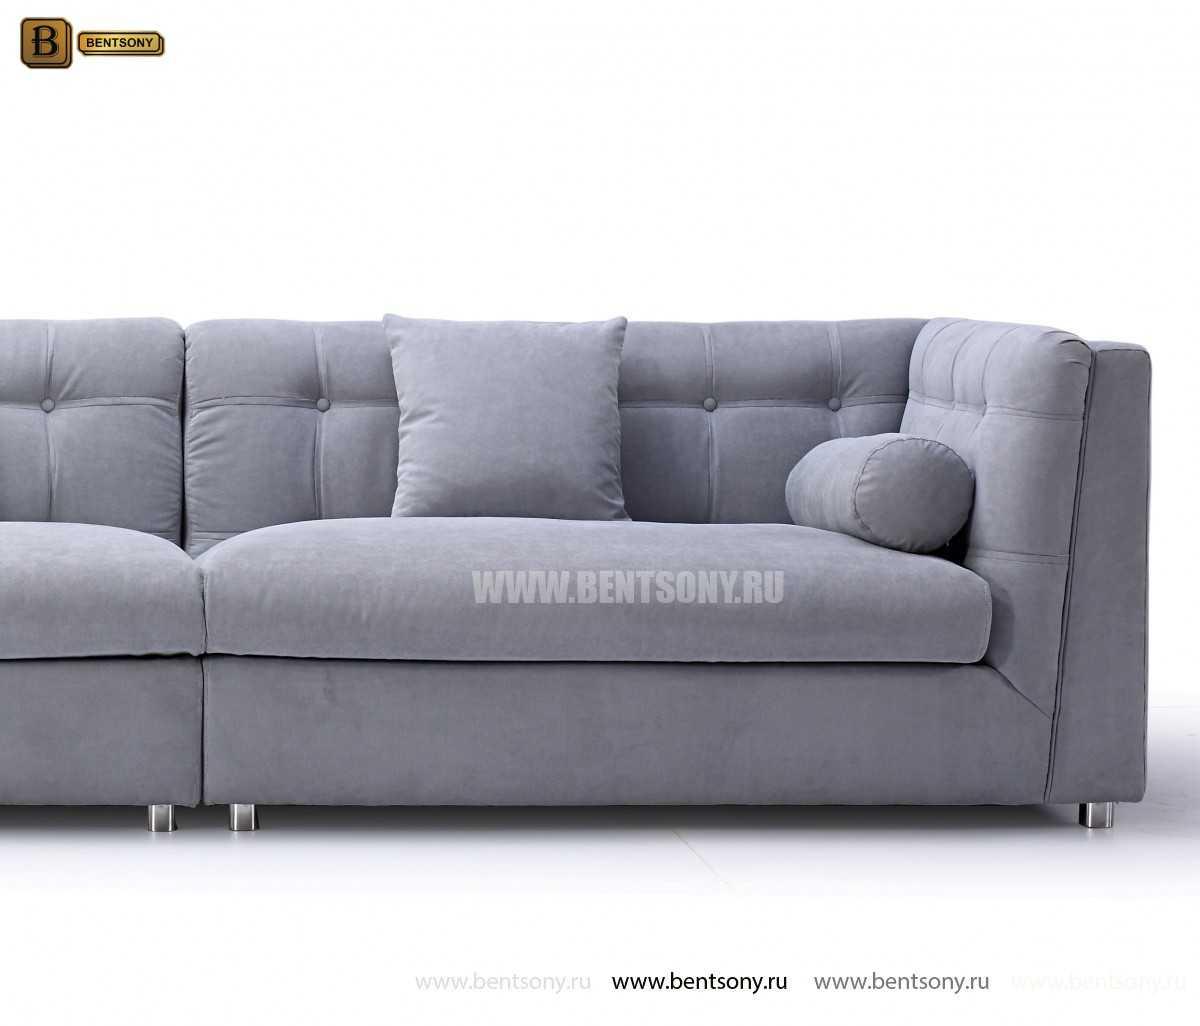 Диван Корсо (Прямой, Велюр) каталог мебели с ценами